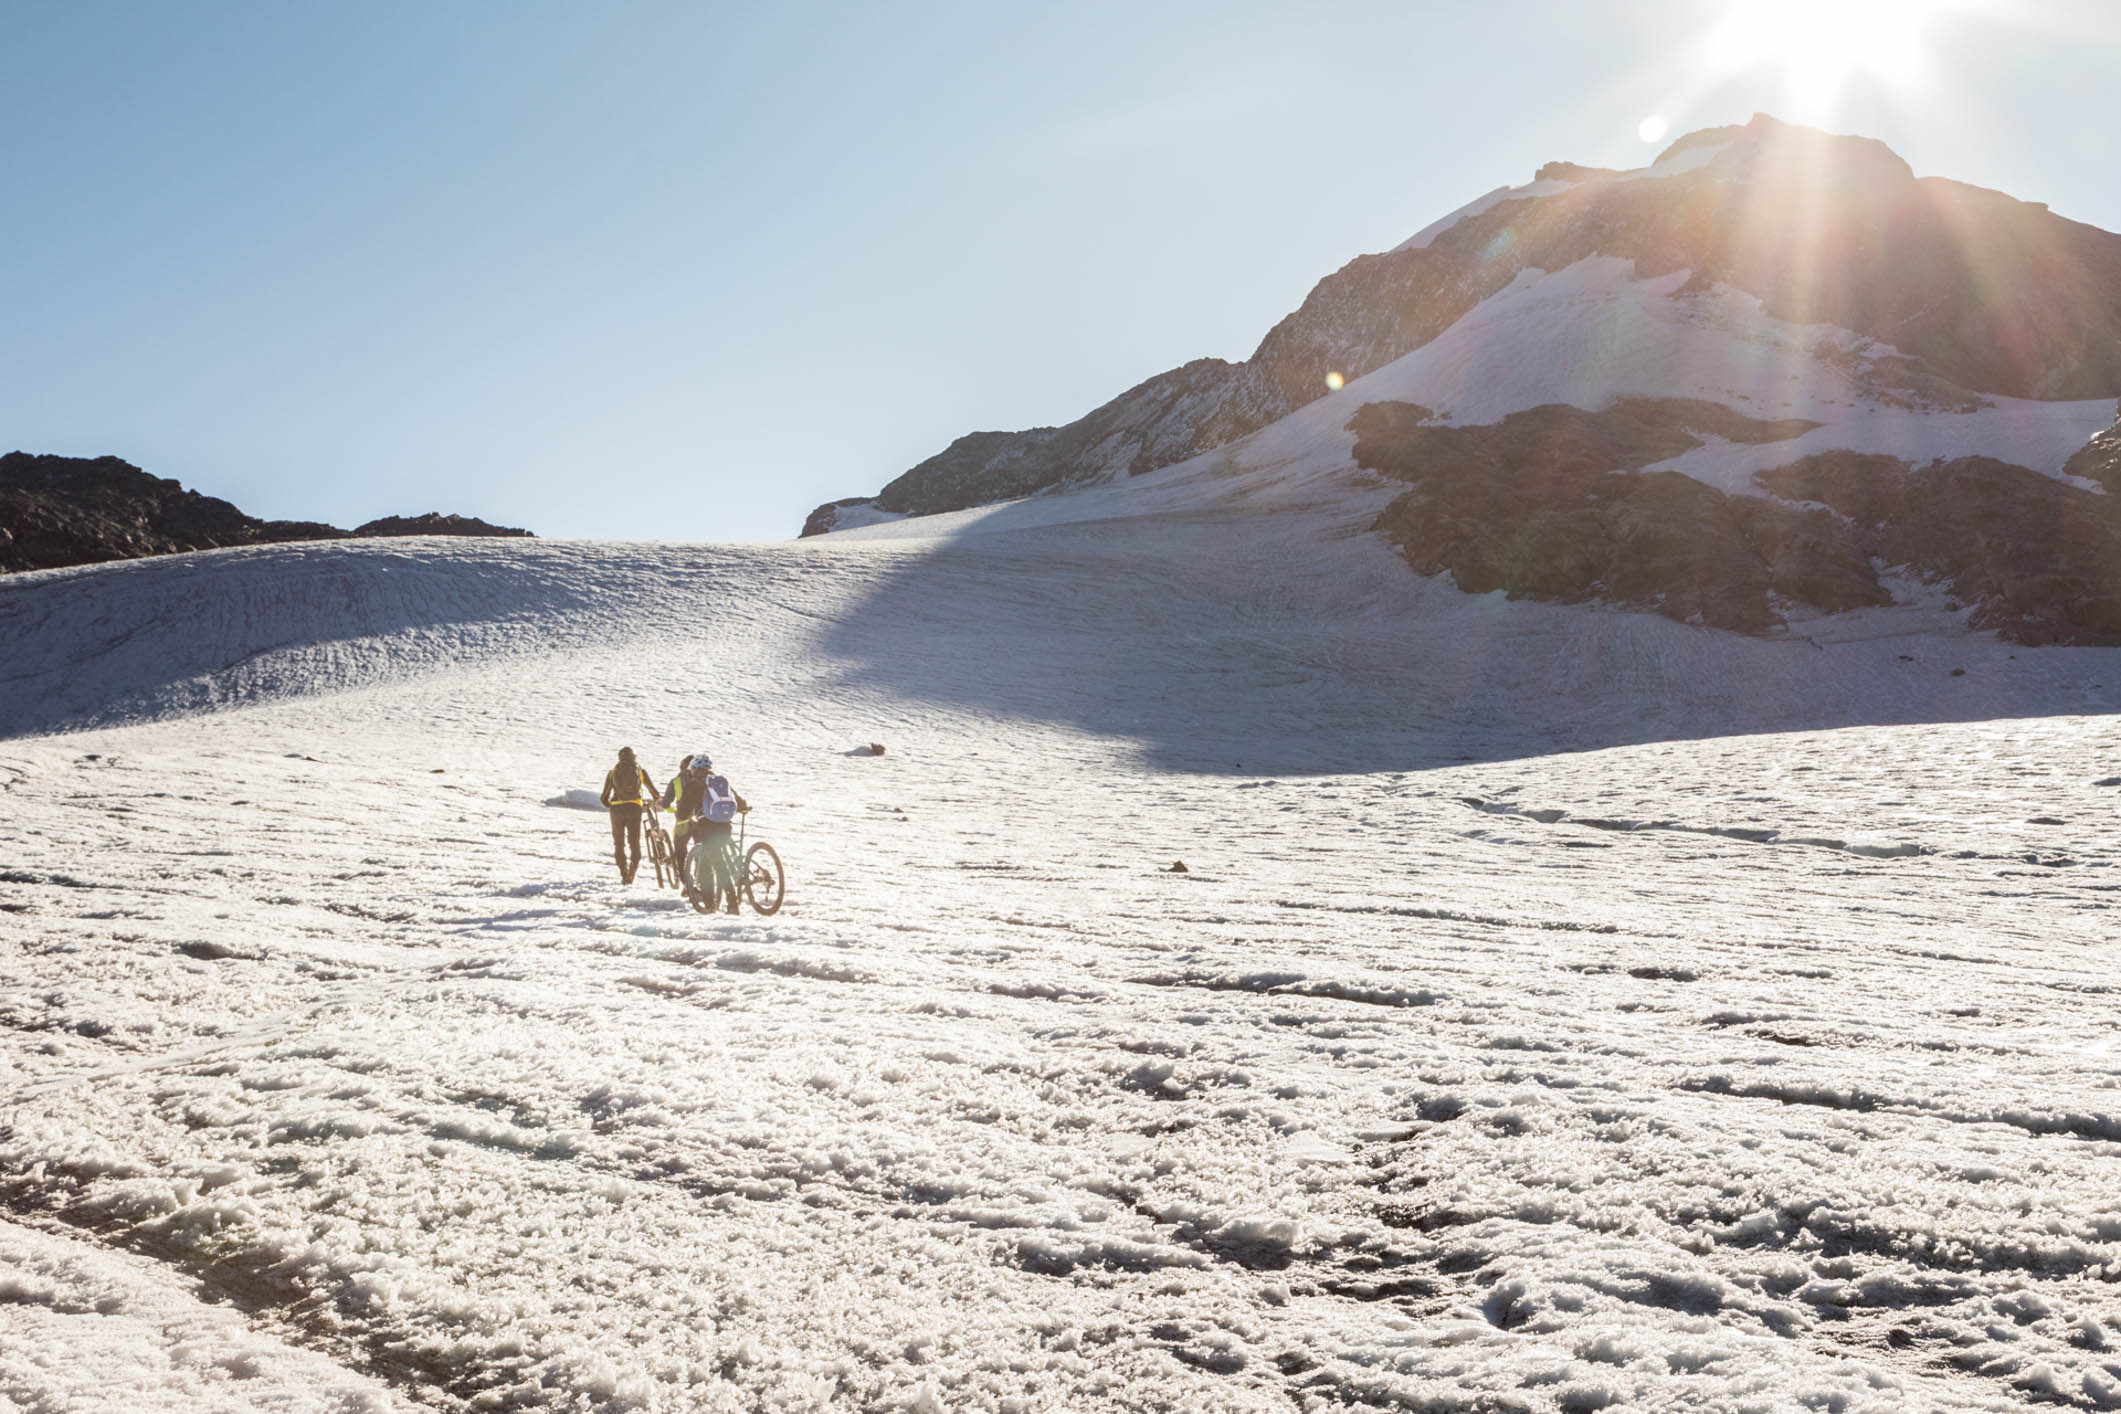 La langue terminale du glacier a reculé de plus de 400 m en 71 ans.